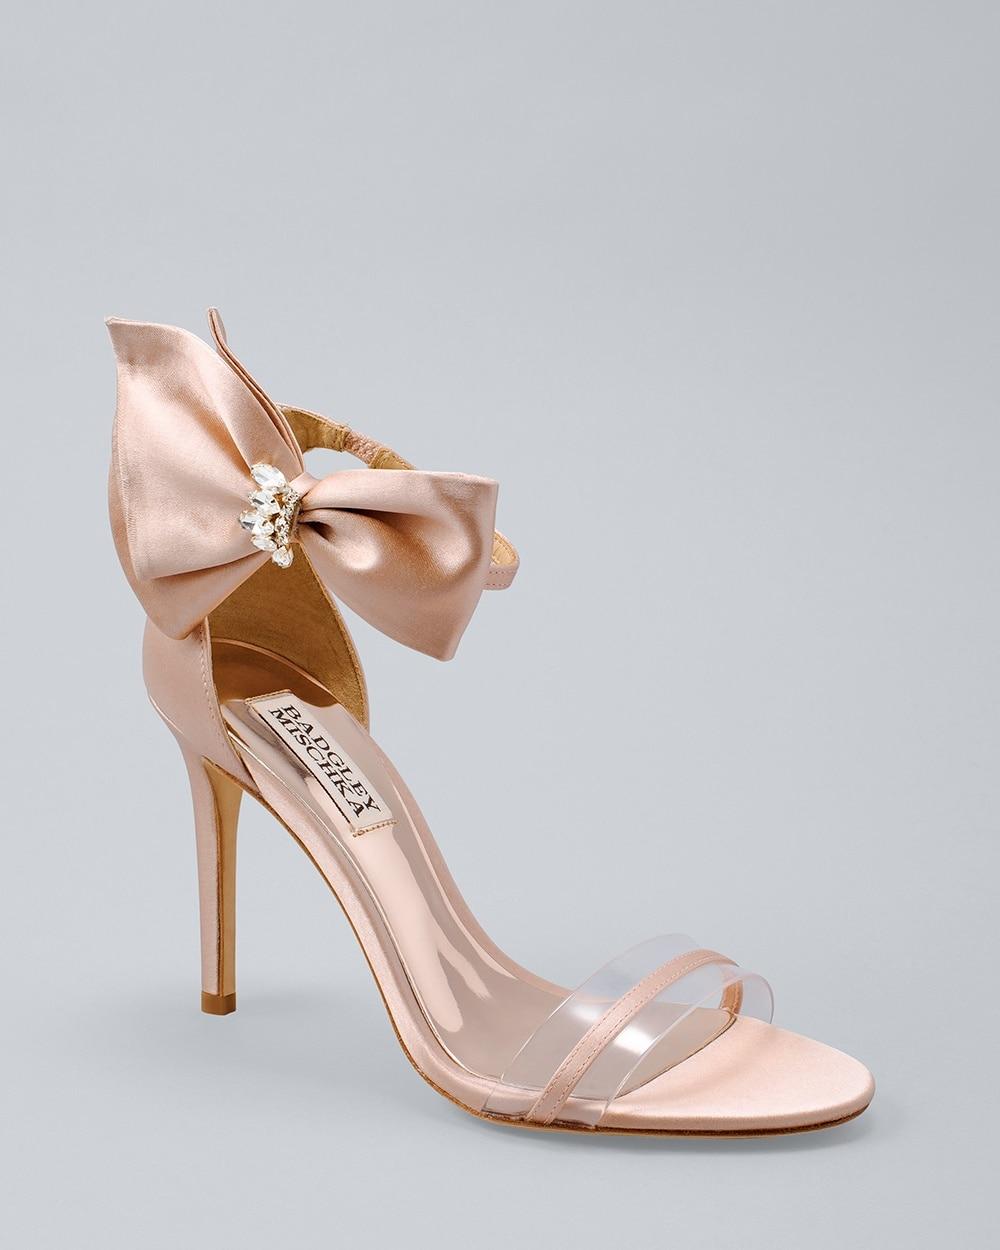 buy badgley mischka shoes online